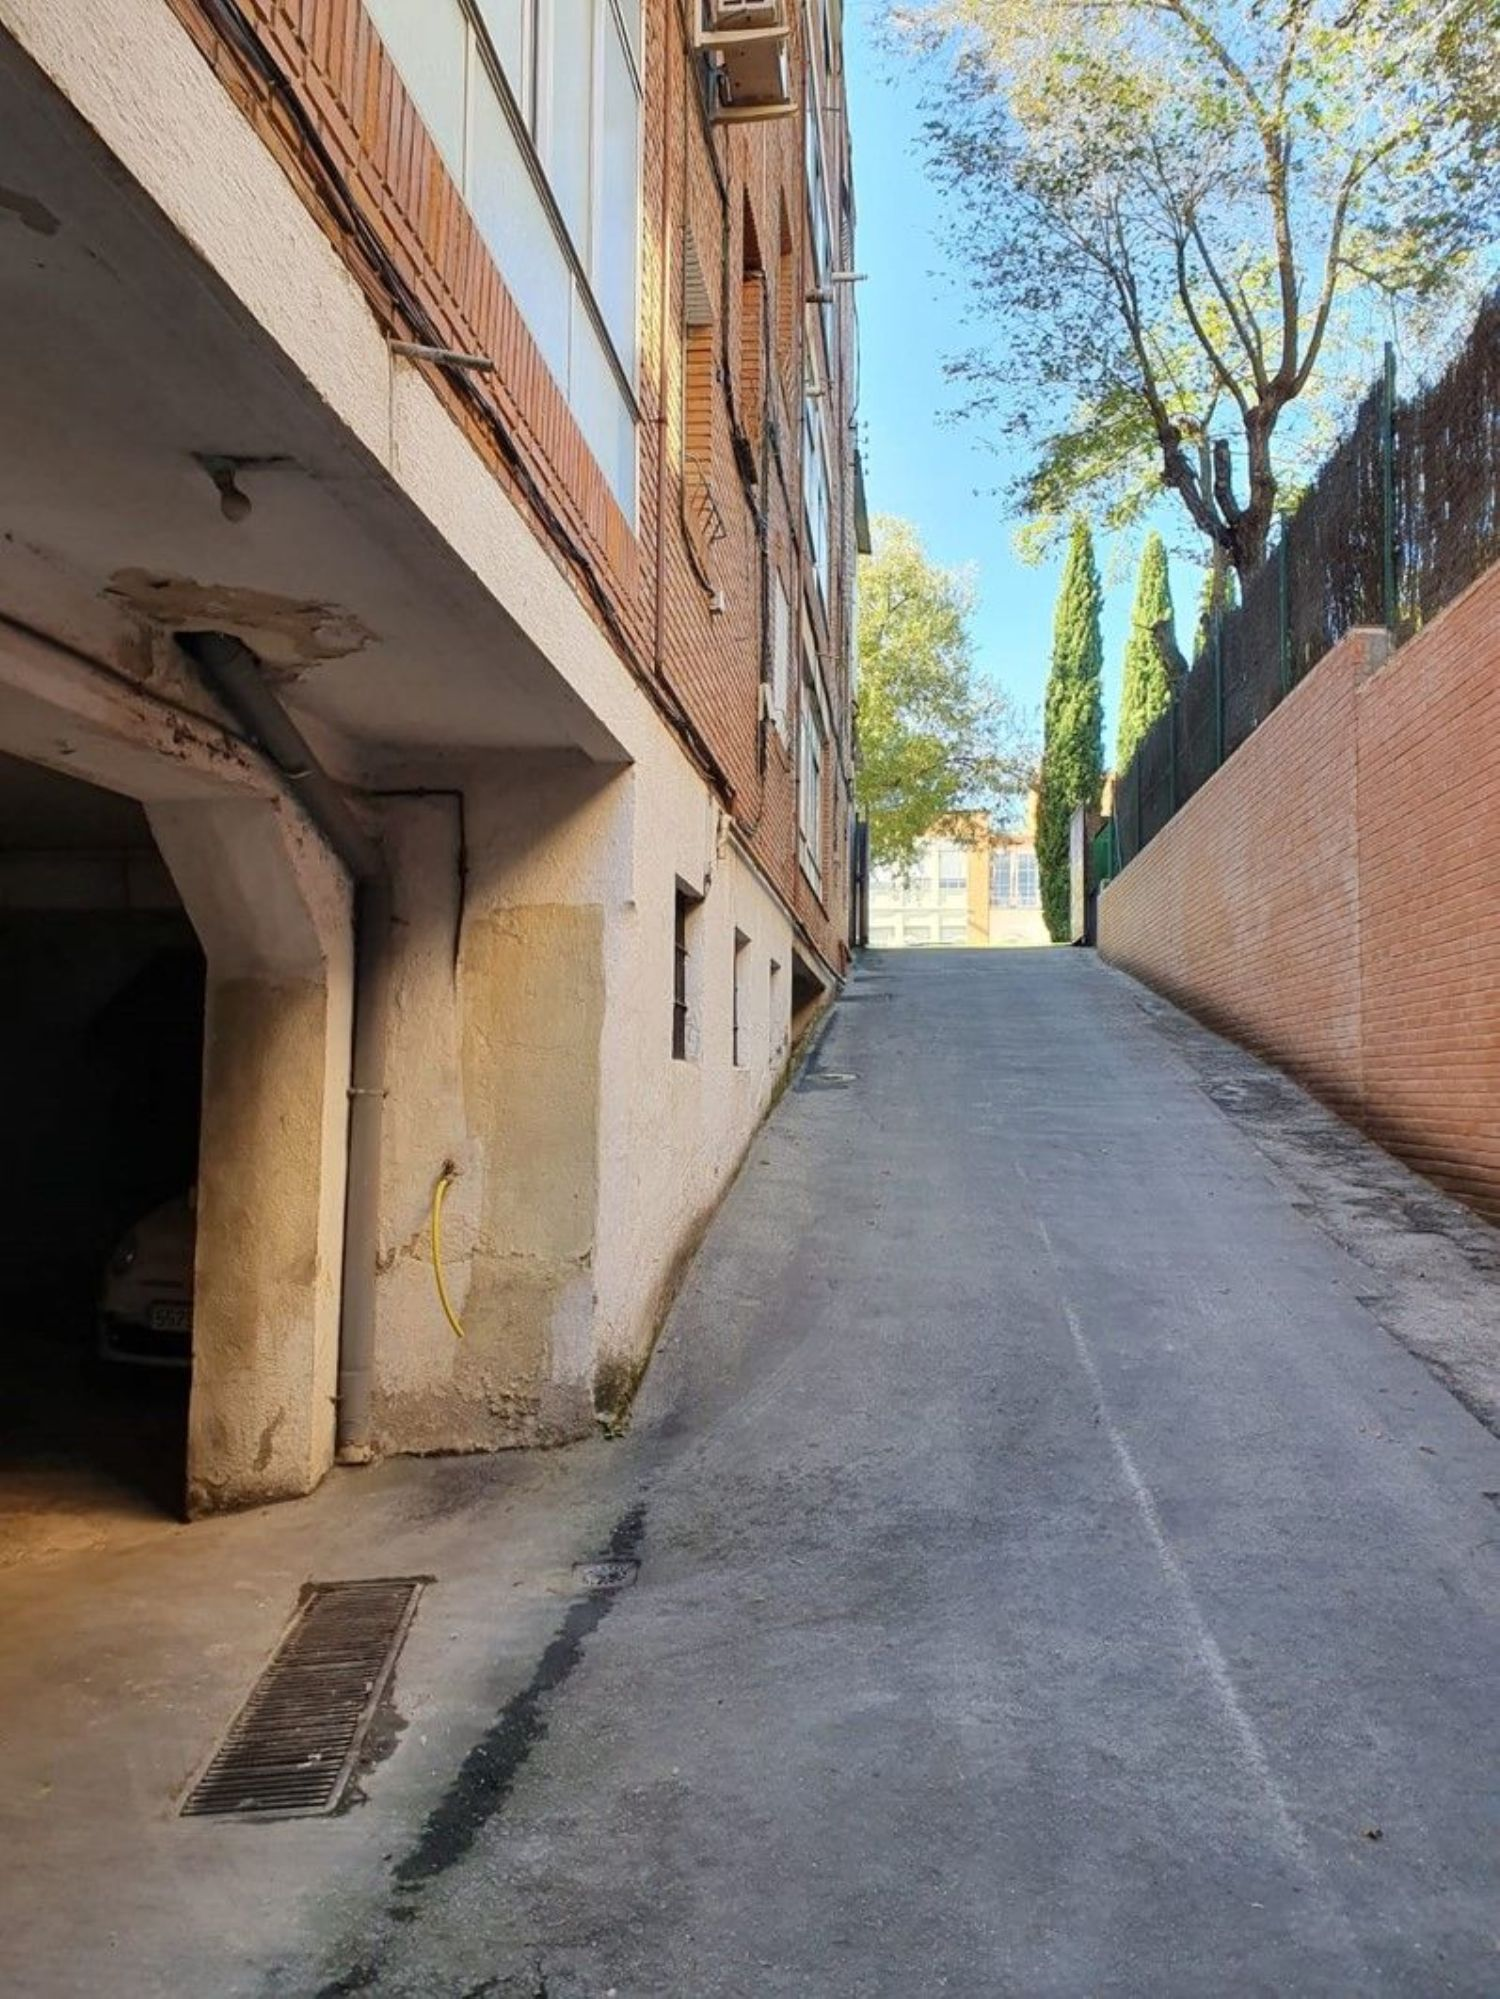 Otras propiedades en alquiler, de Arturo Soria, Madrid